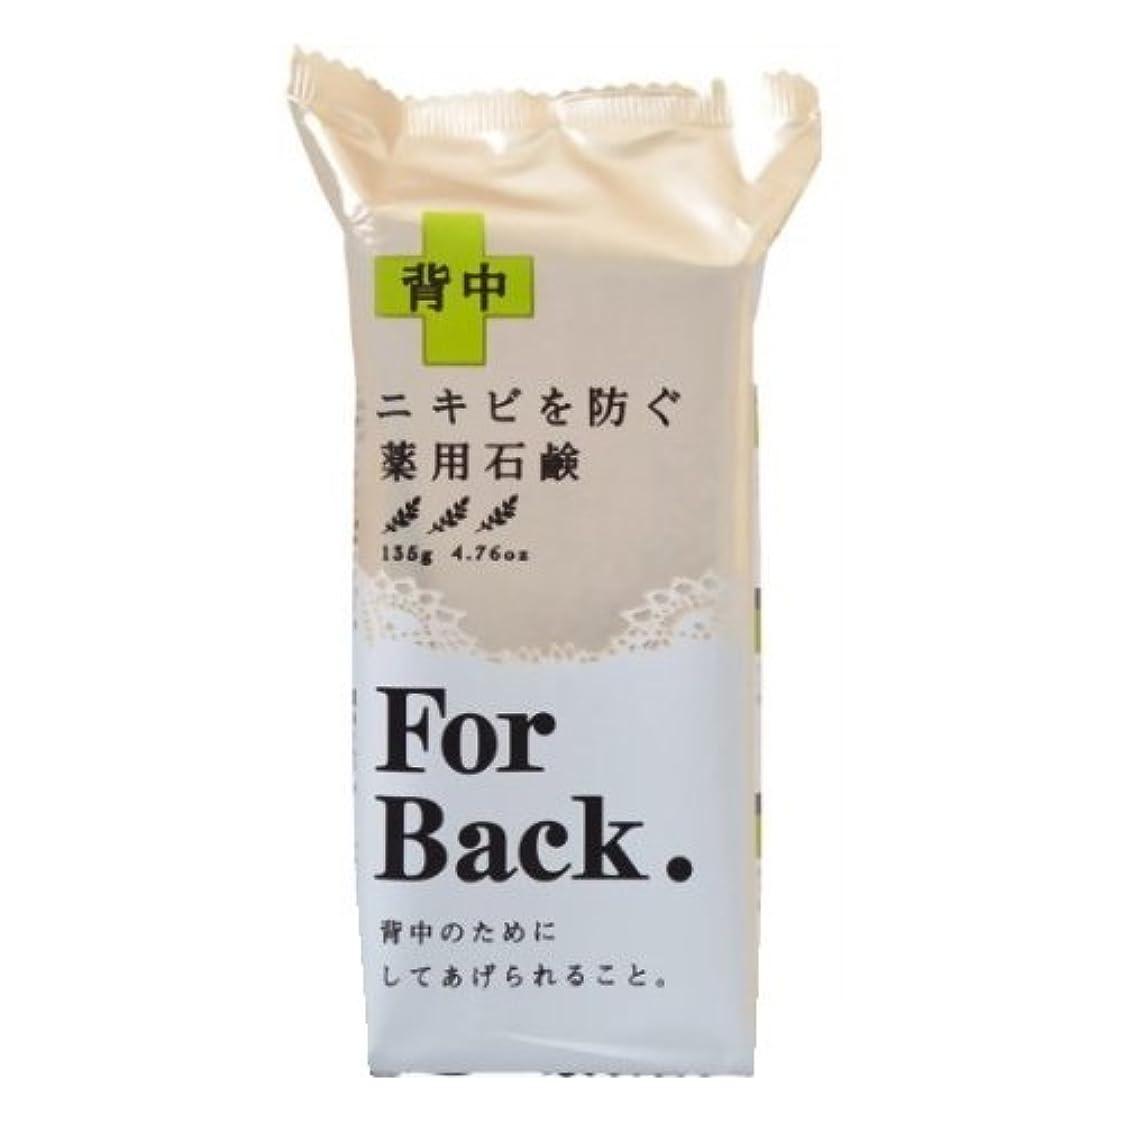 シャークコマース多年生薬用石鹸ForBack 135g